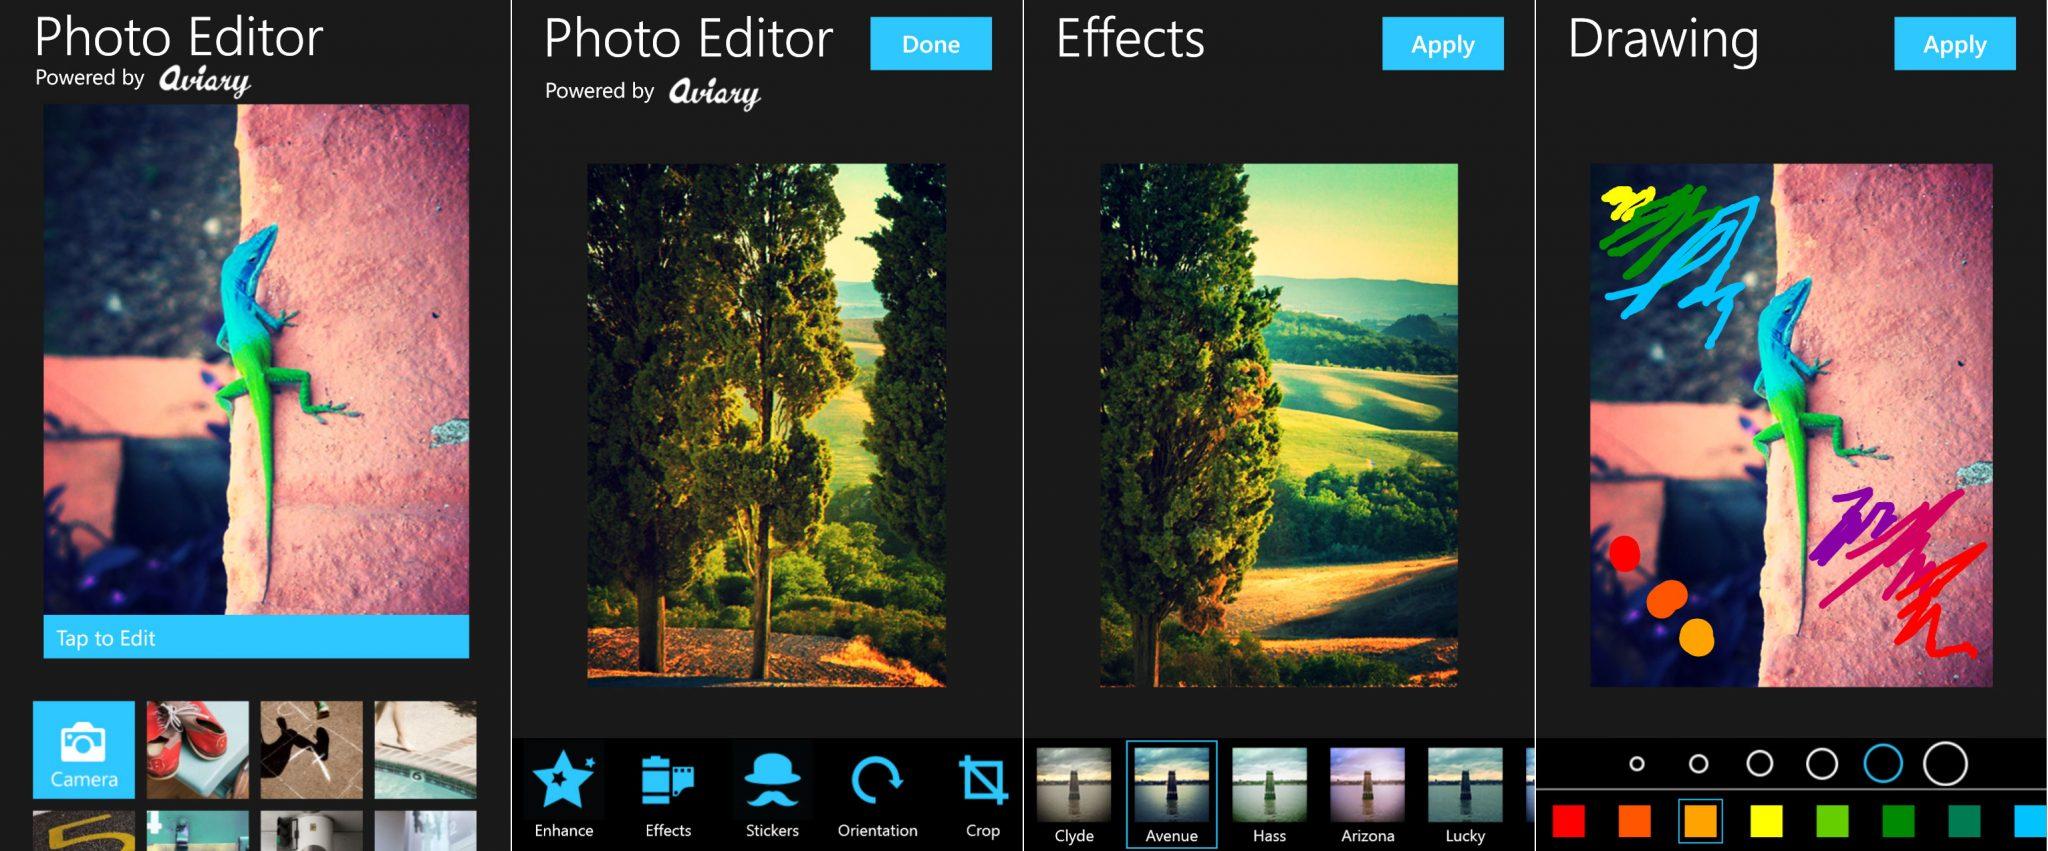 ۷ تا از بهترین برنامه های ویرایشگر عکس (photo editor) برای گوشی های اندروید